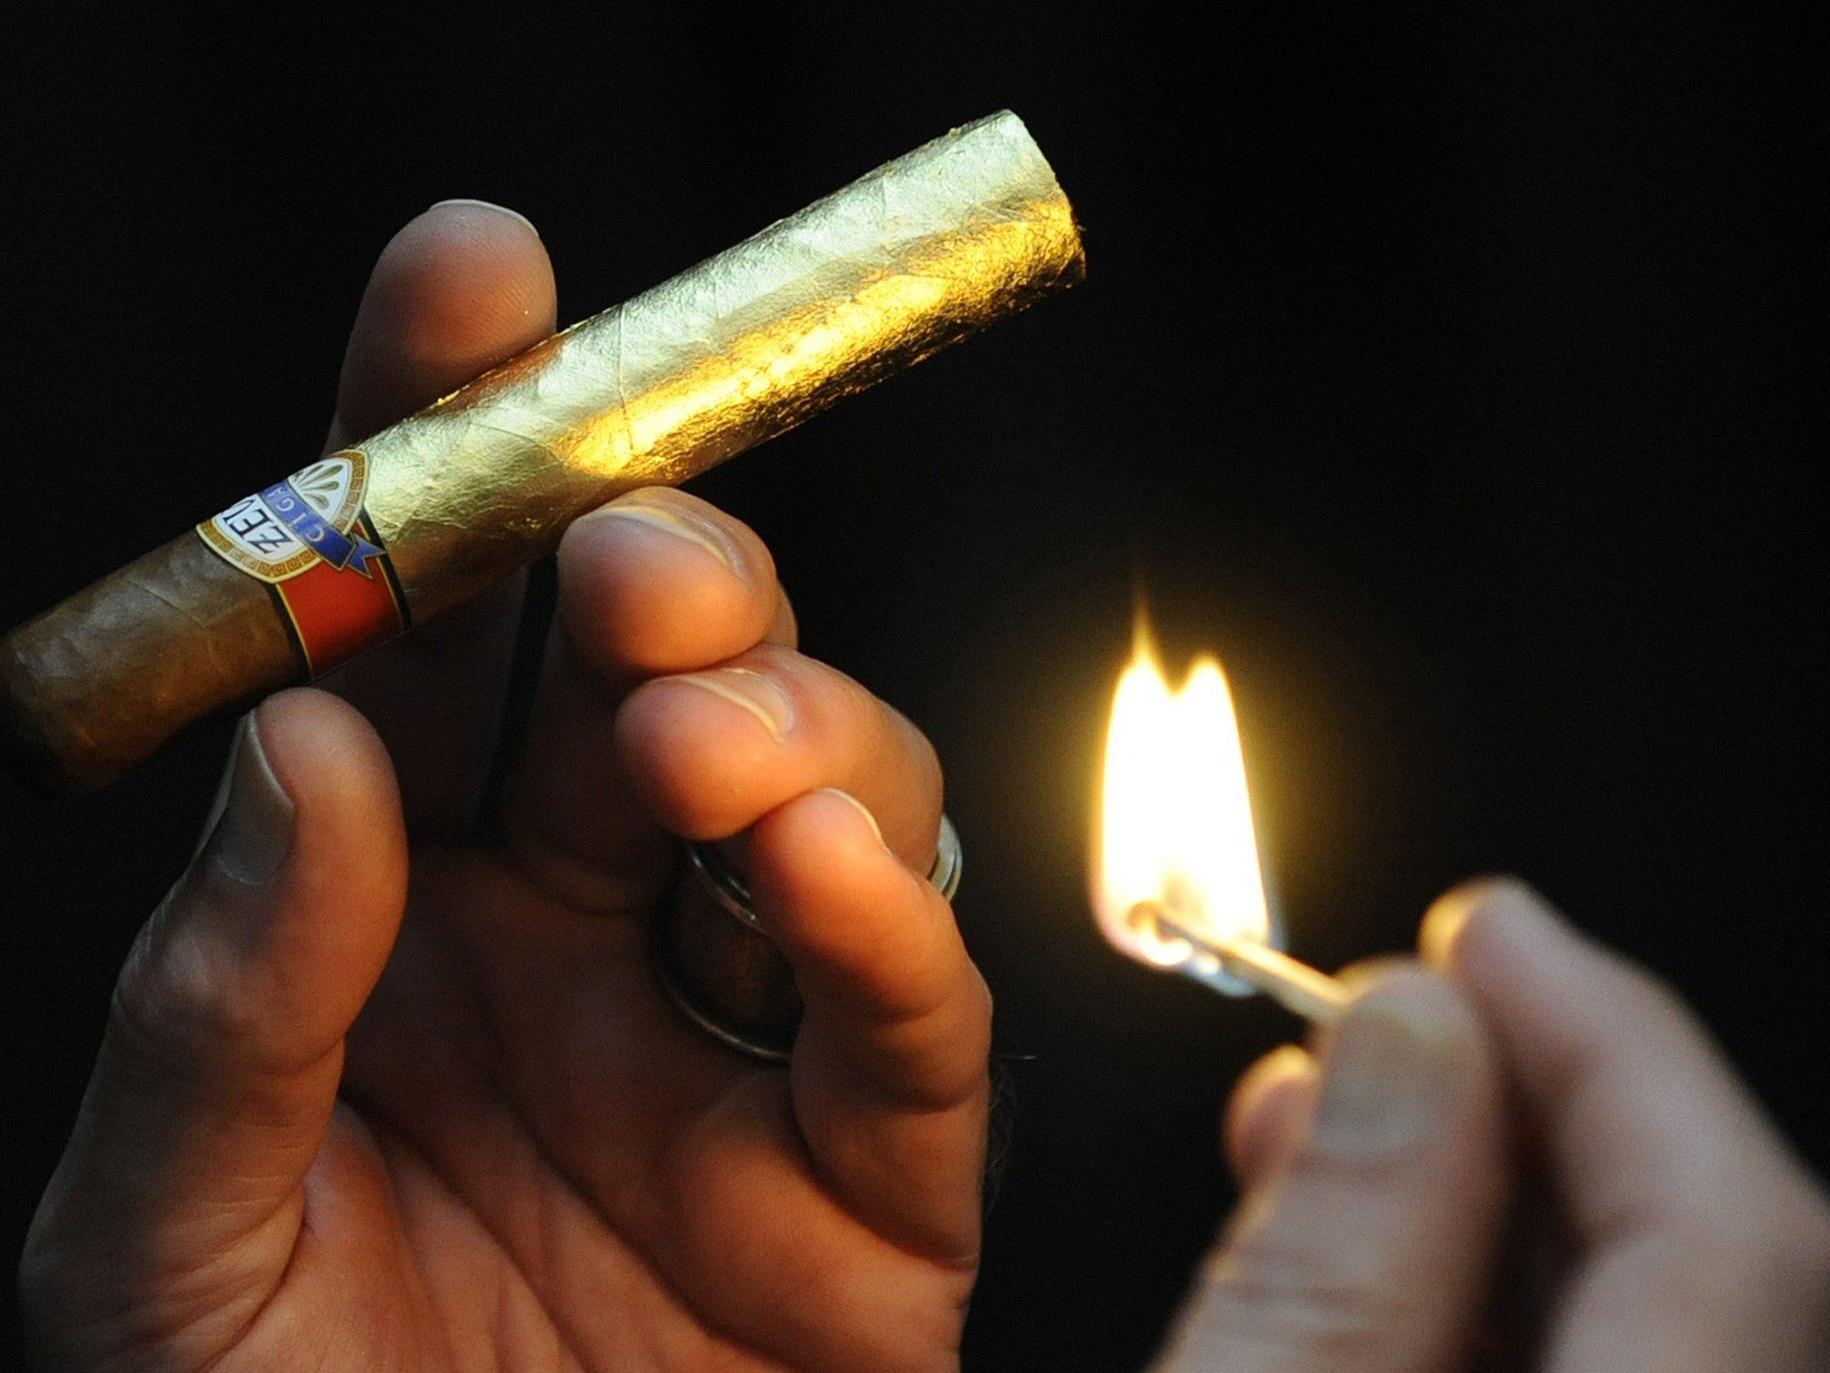 Der Zigarrenrauch störte den Nachbar, sodass er vor Gericht zog.